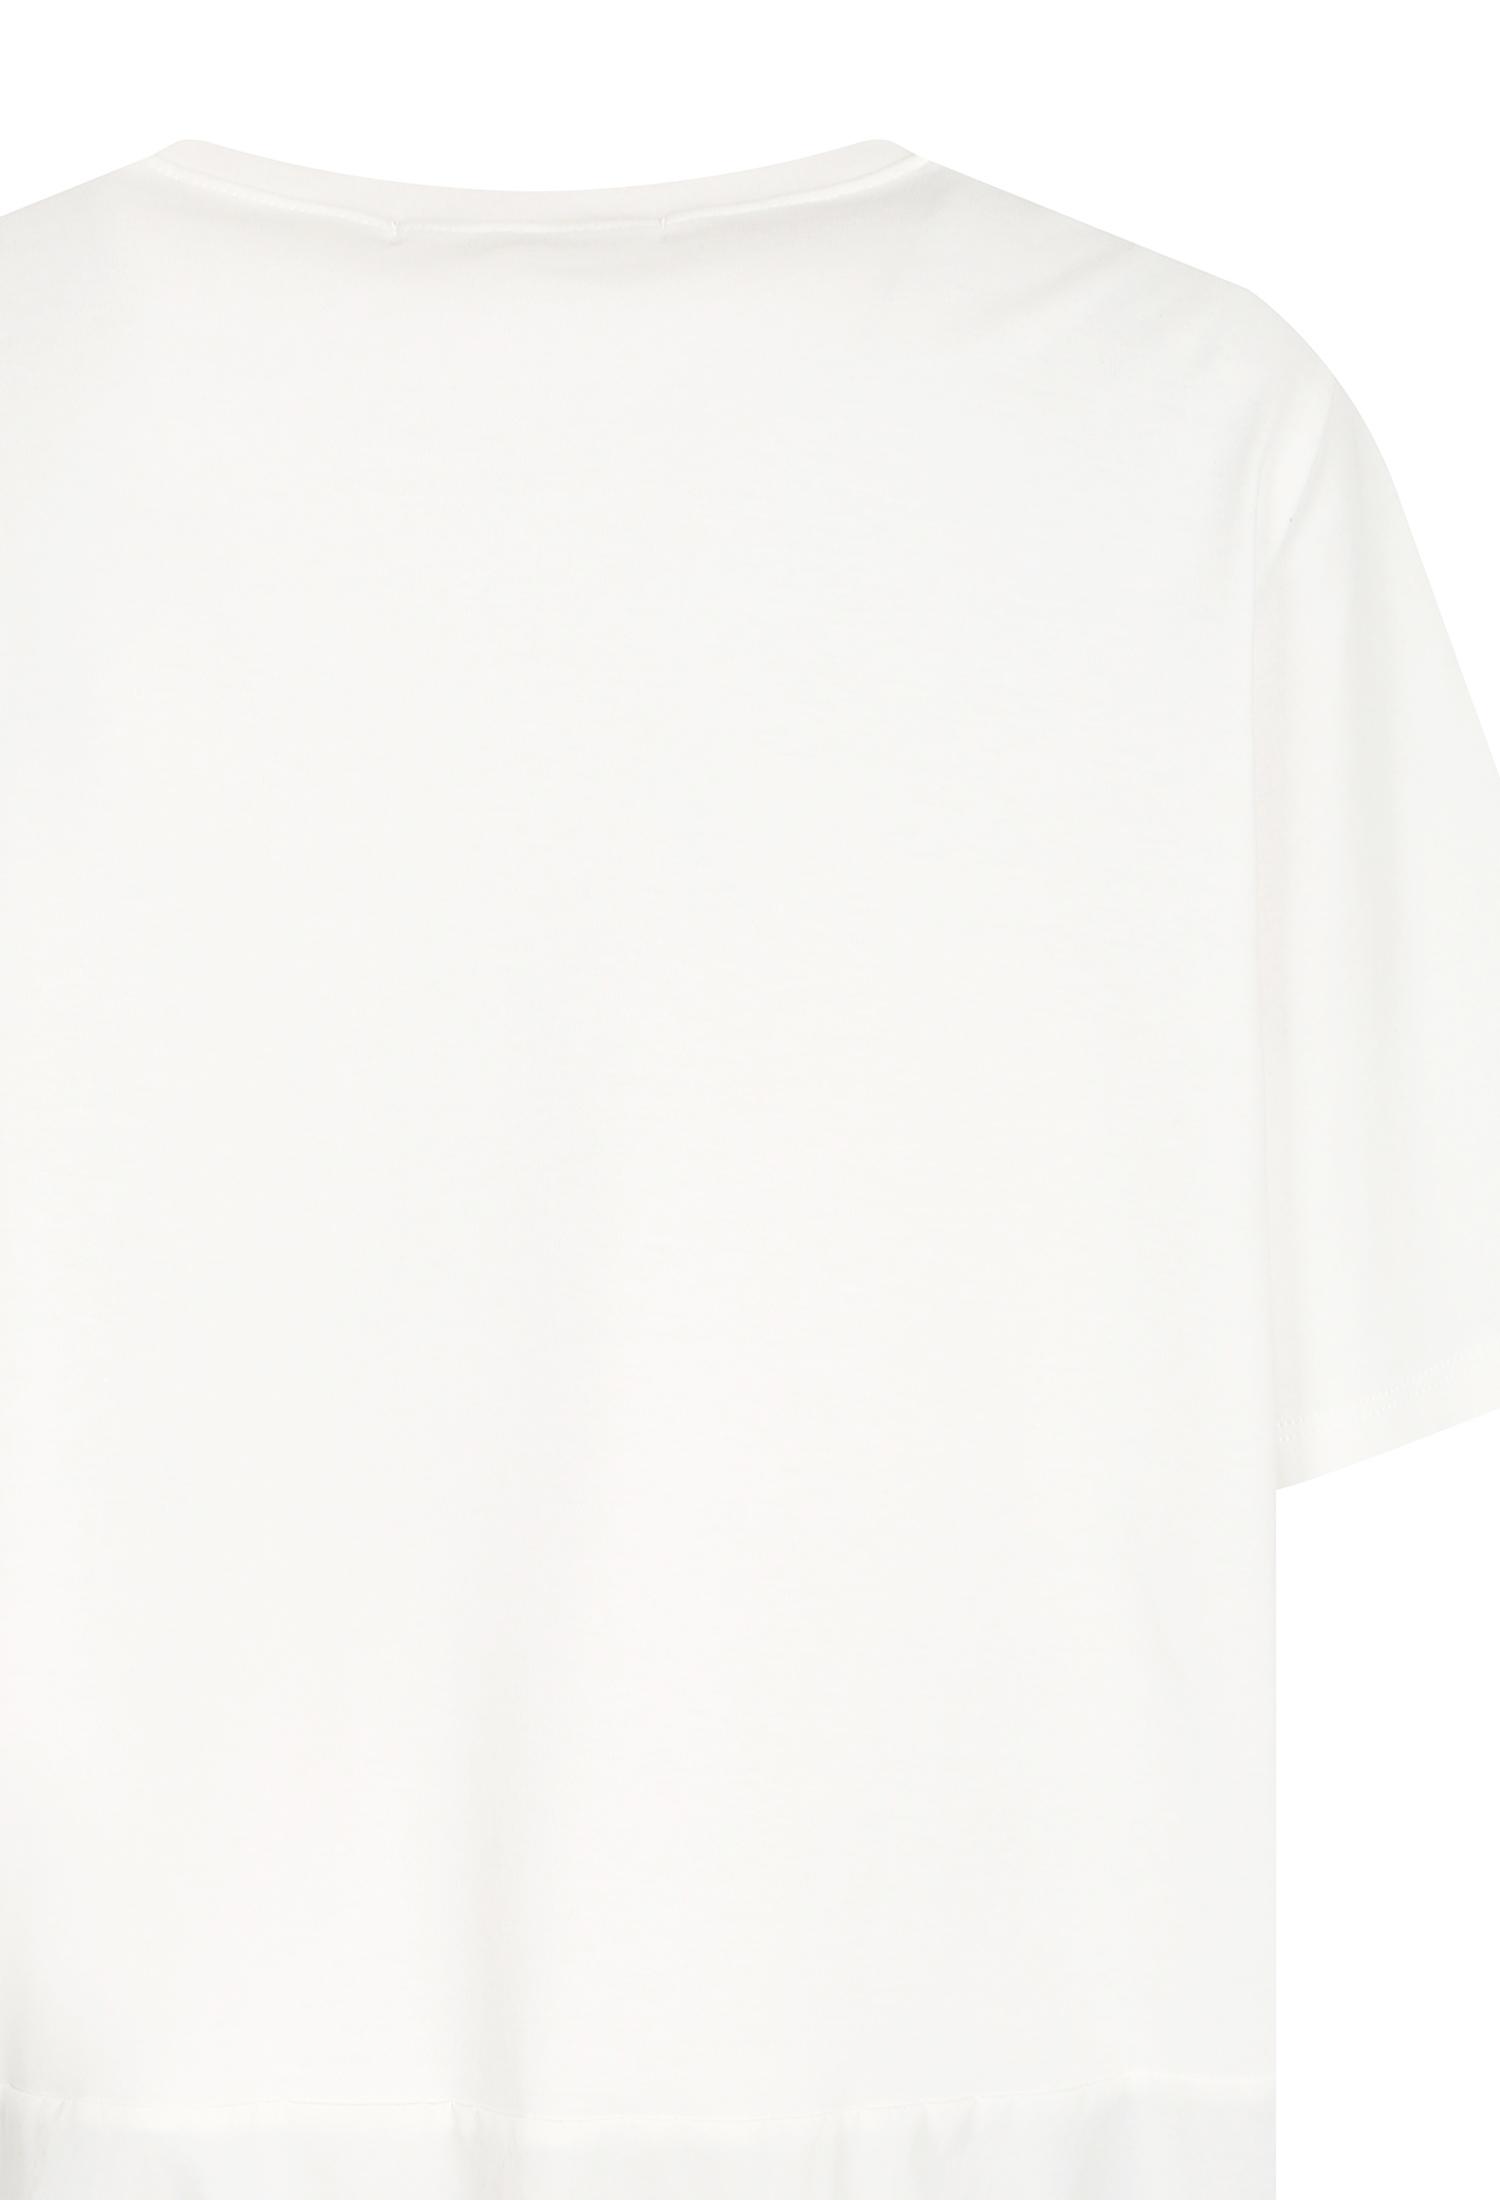 배색 스트링 프레임 티셔츠 (WHITE)